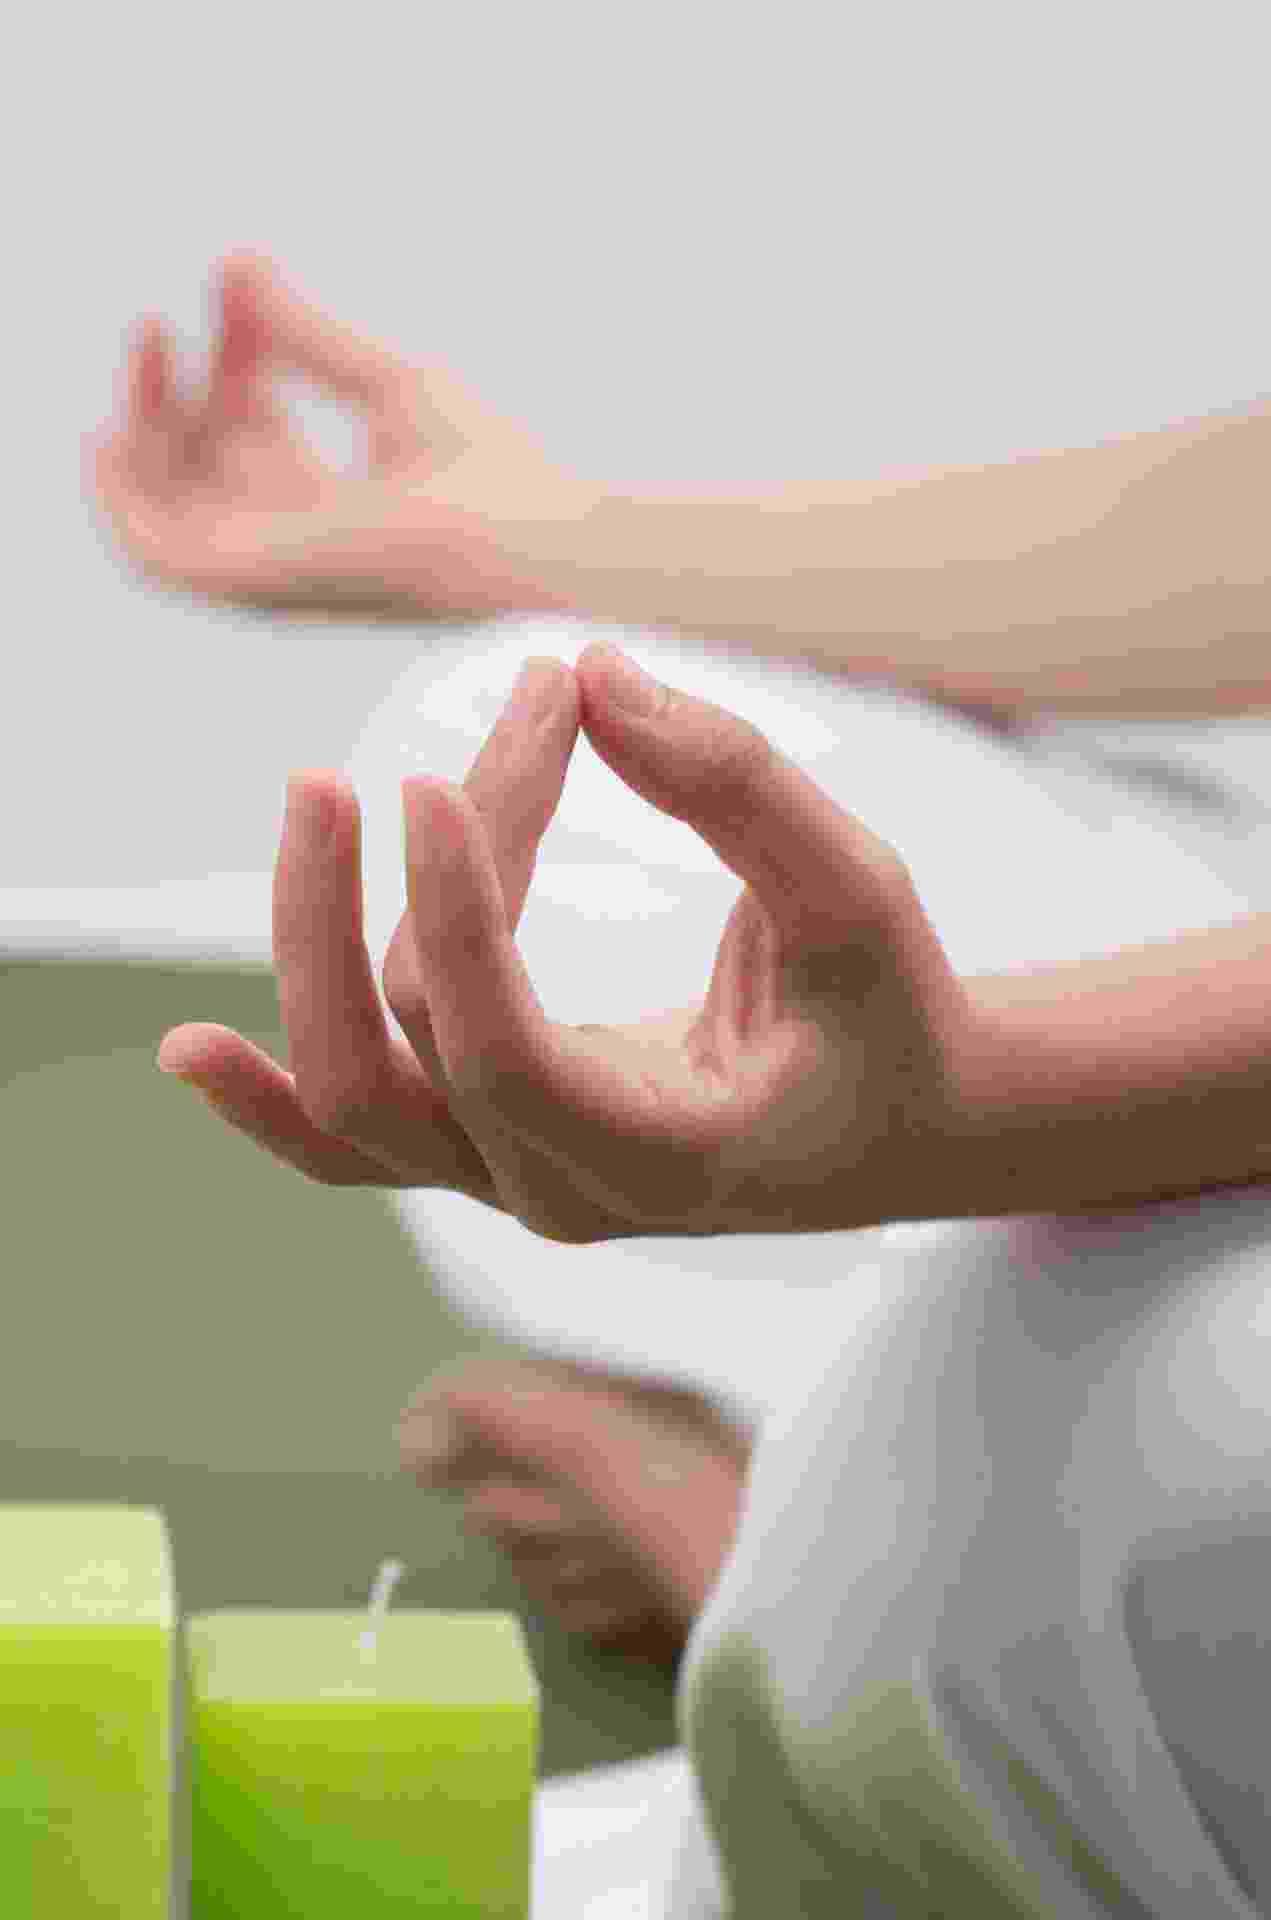 Para a a radiestesia, a energia da pessoa interfere na casa e vice-versa. Por isso, para energizar o espaço onde mora, é preciso também cuidar da própria energia I Fonte: Titi Vidal, radiestesista, astróloga e taróloga (www.titividal.com.br) - Getty Images